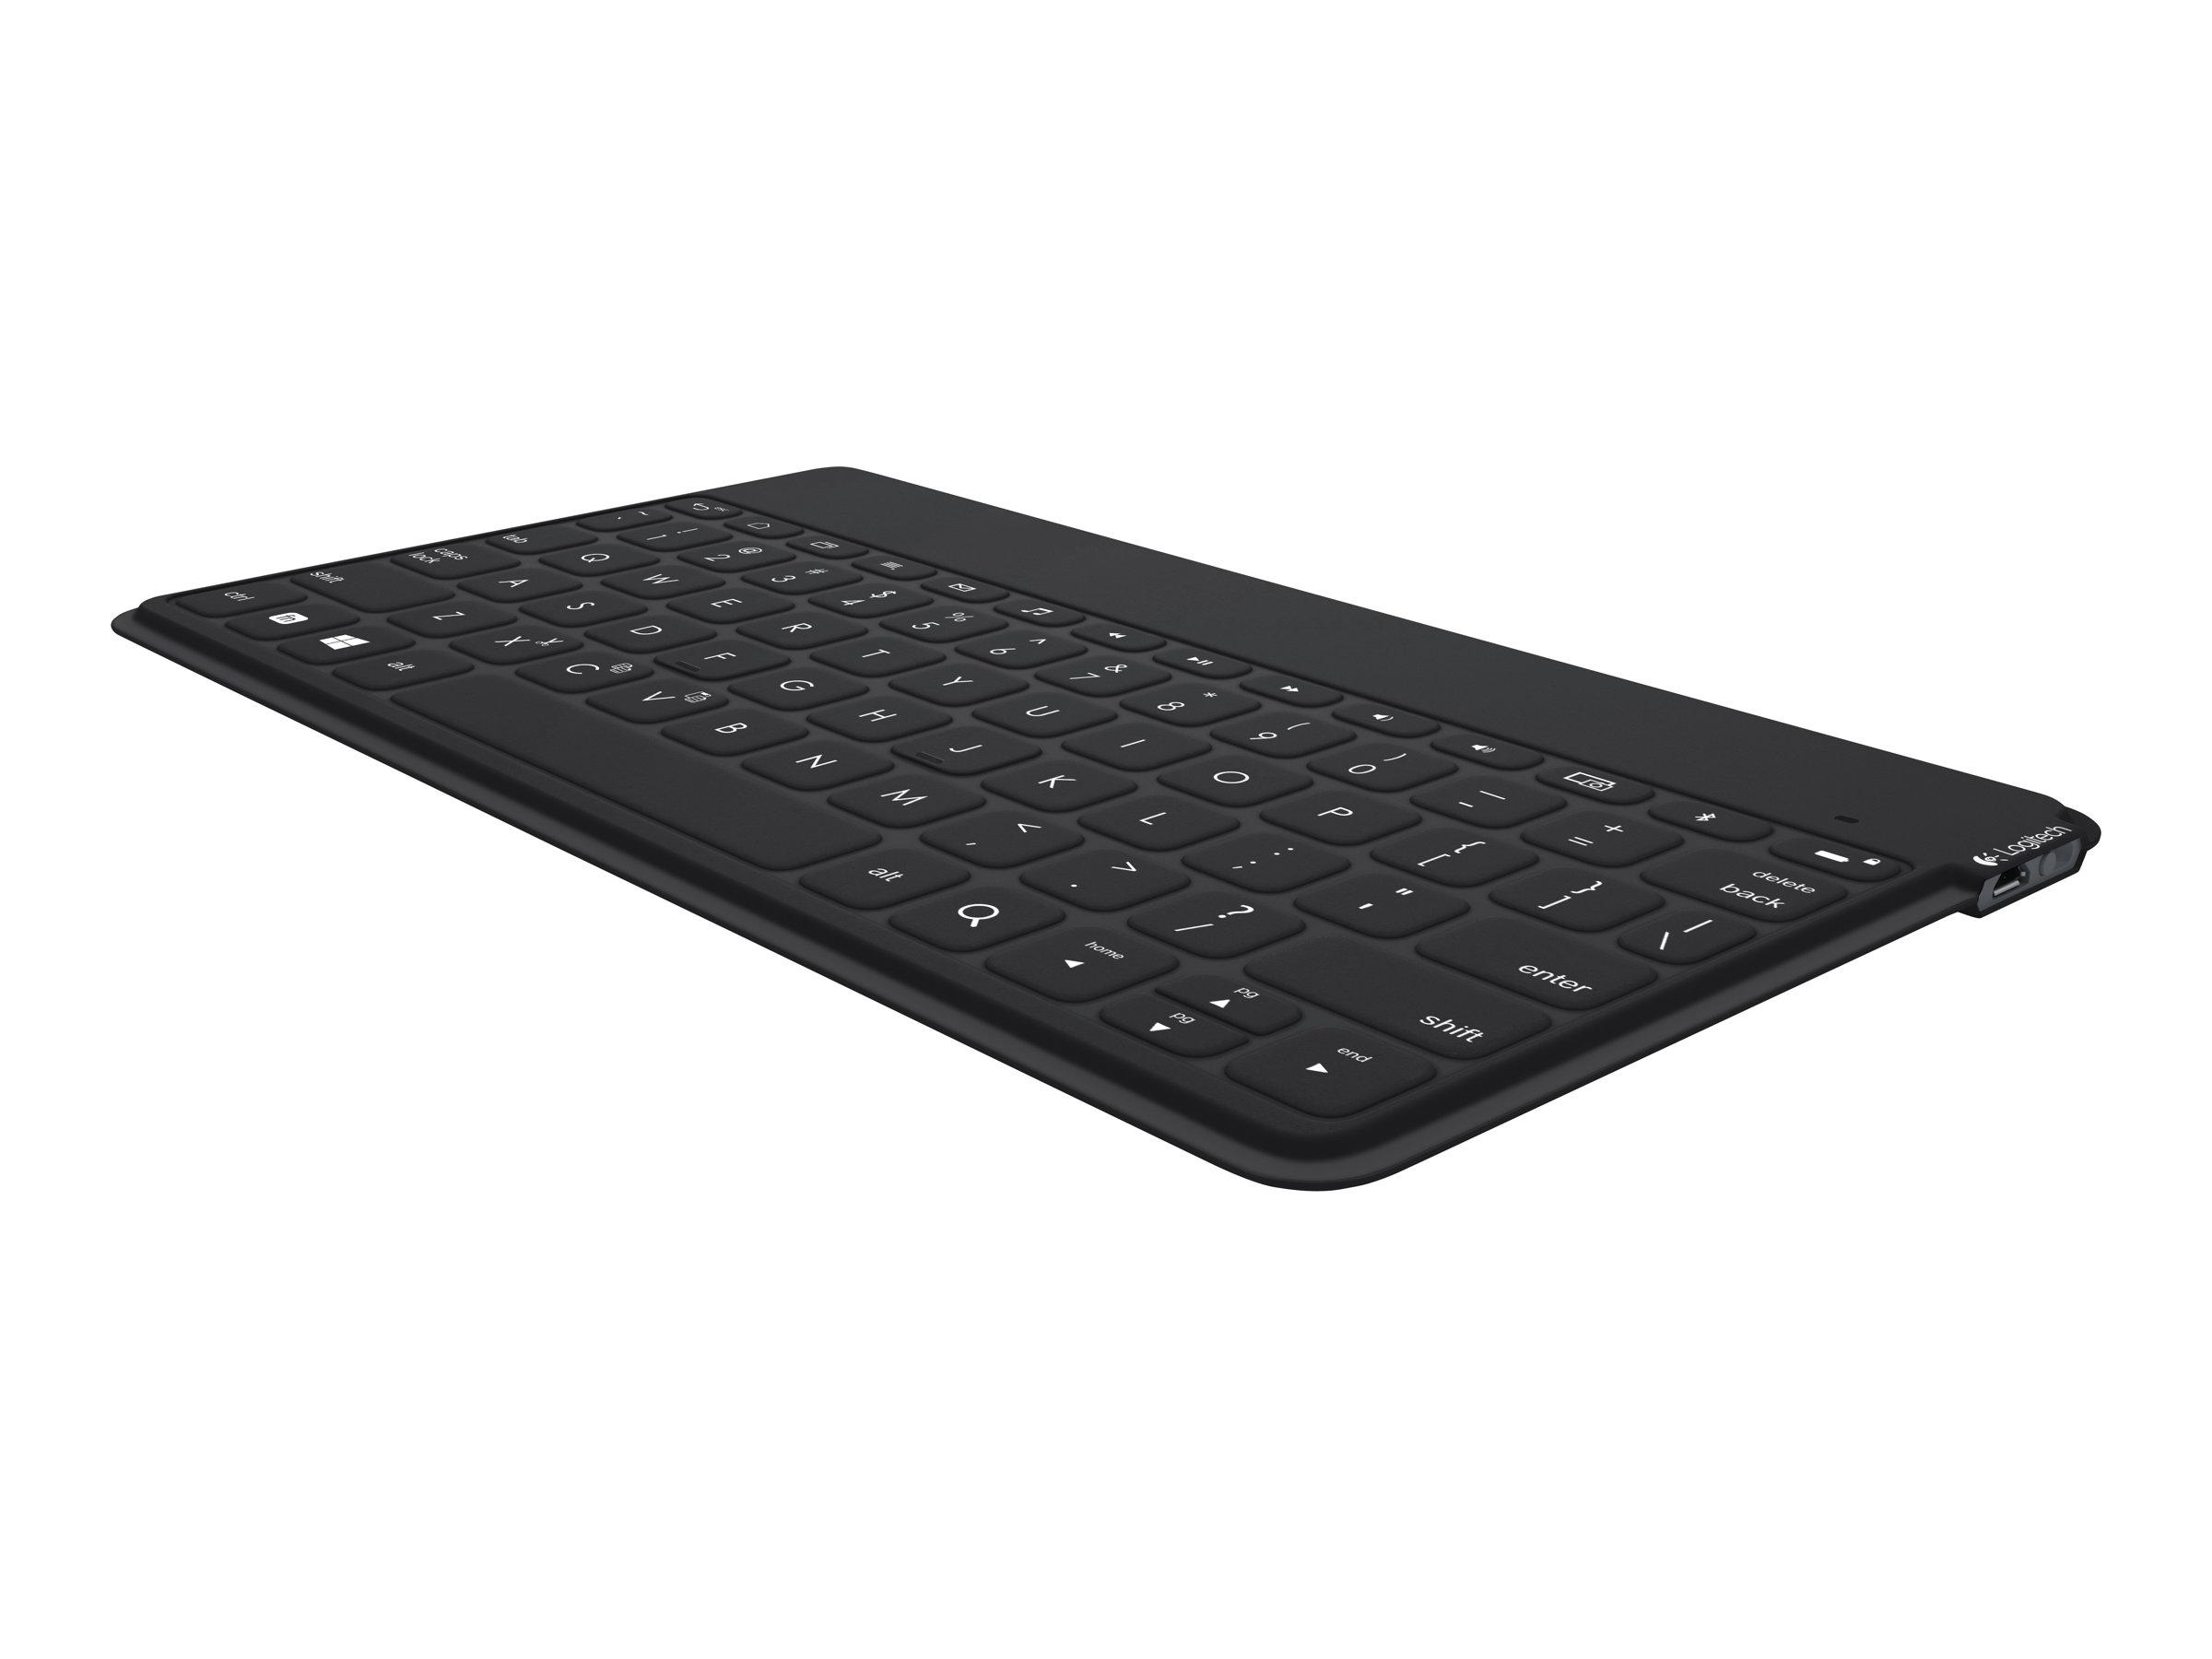 Logitech Keys-To-Go - Tastatur - Bluetooth - Schweiz - Schwarz